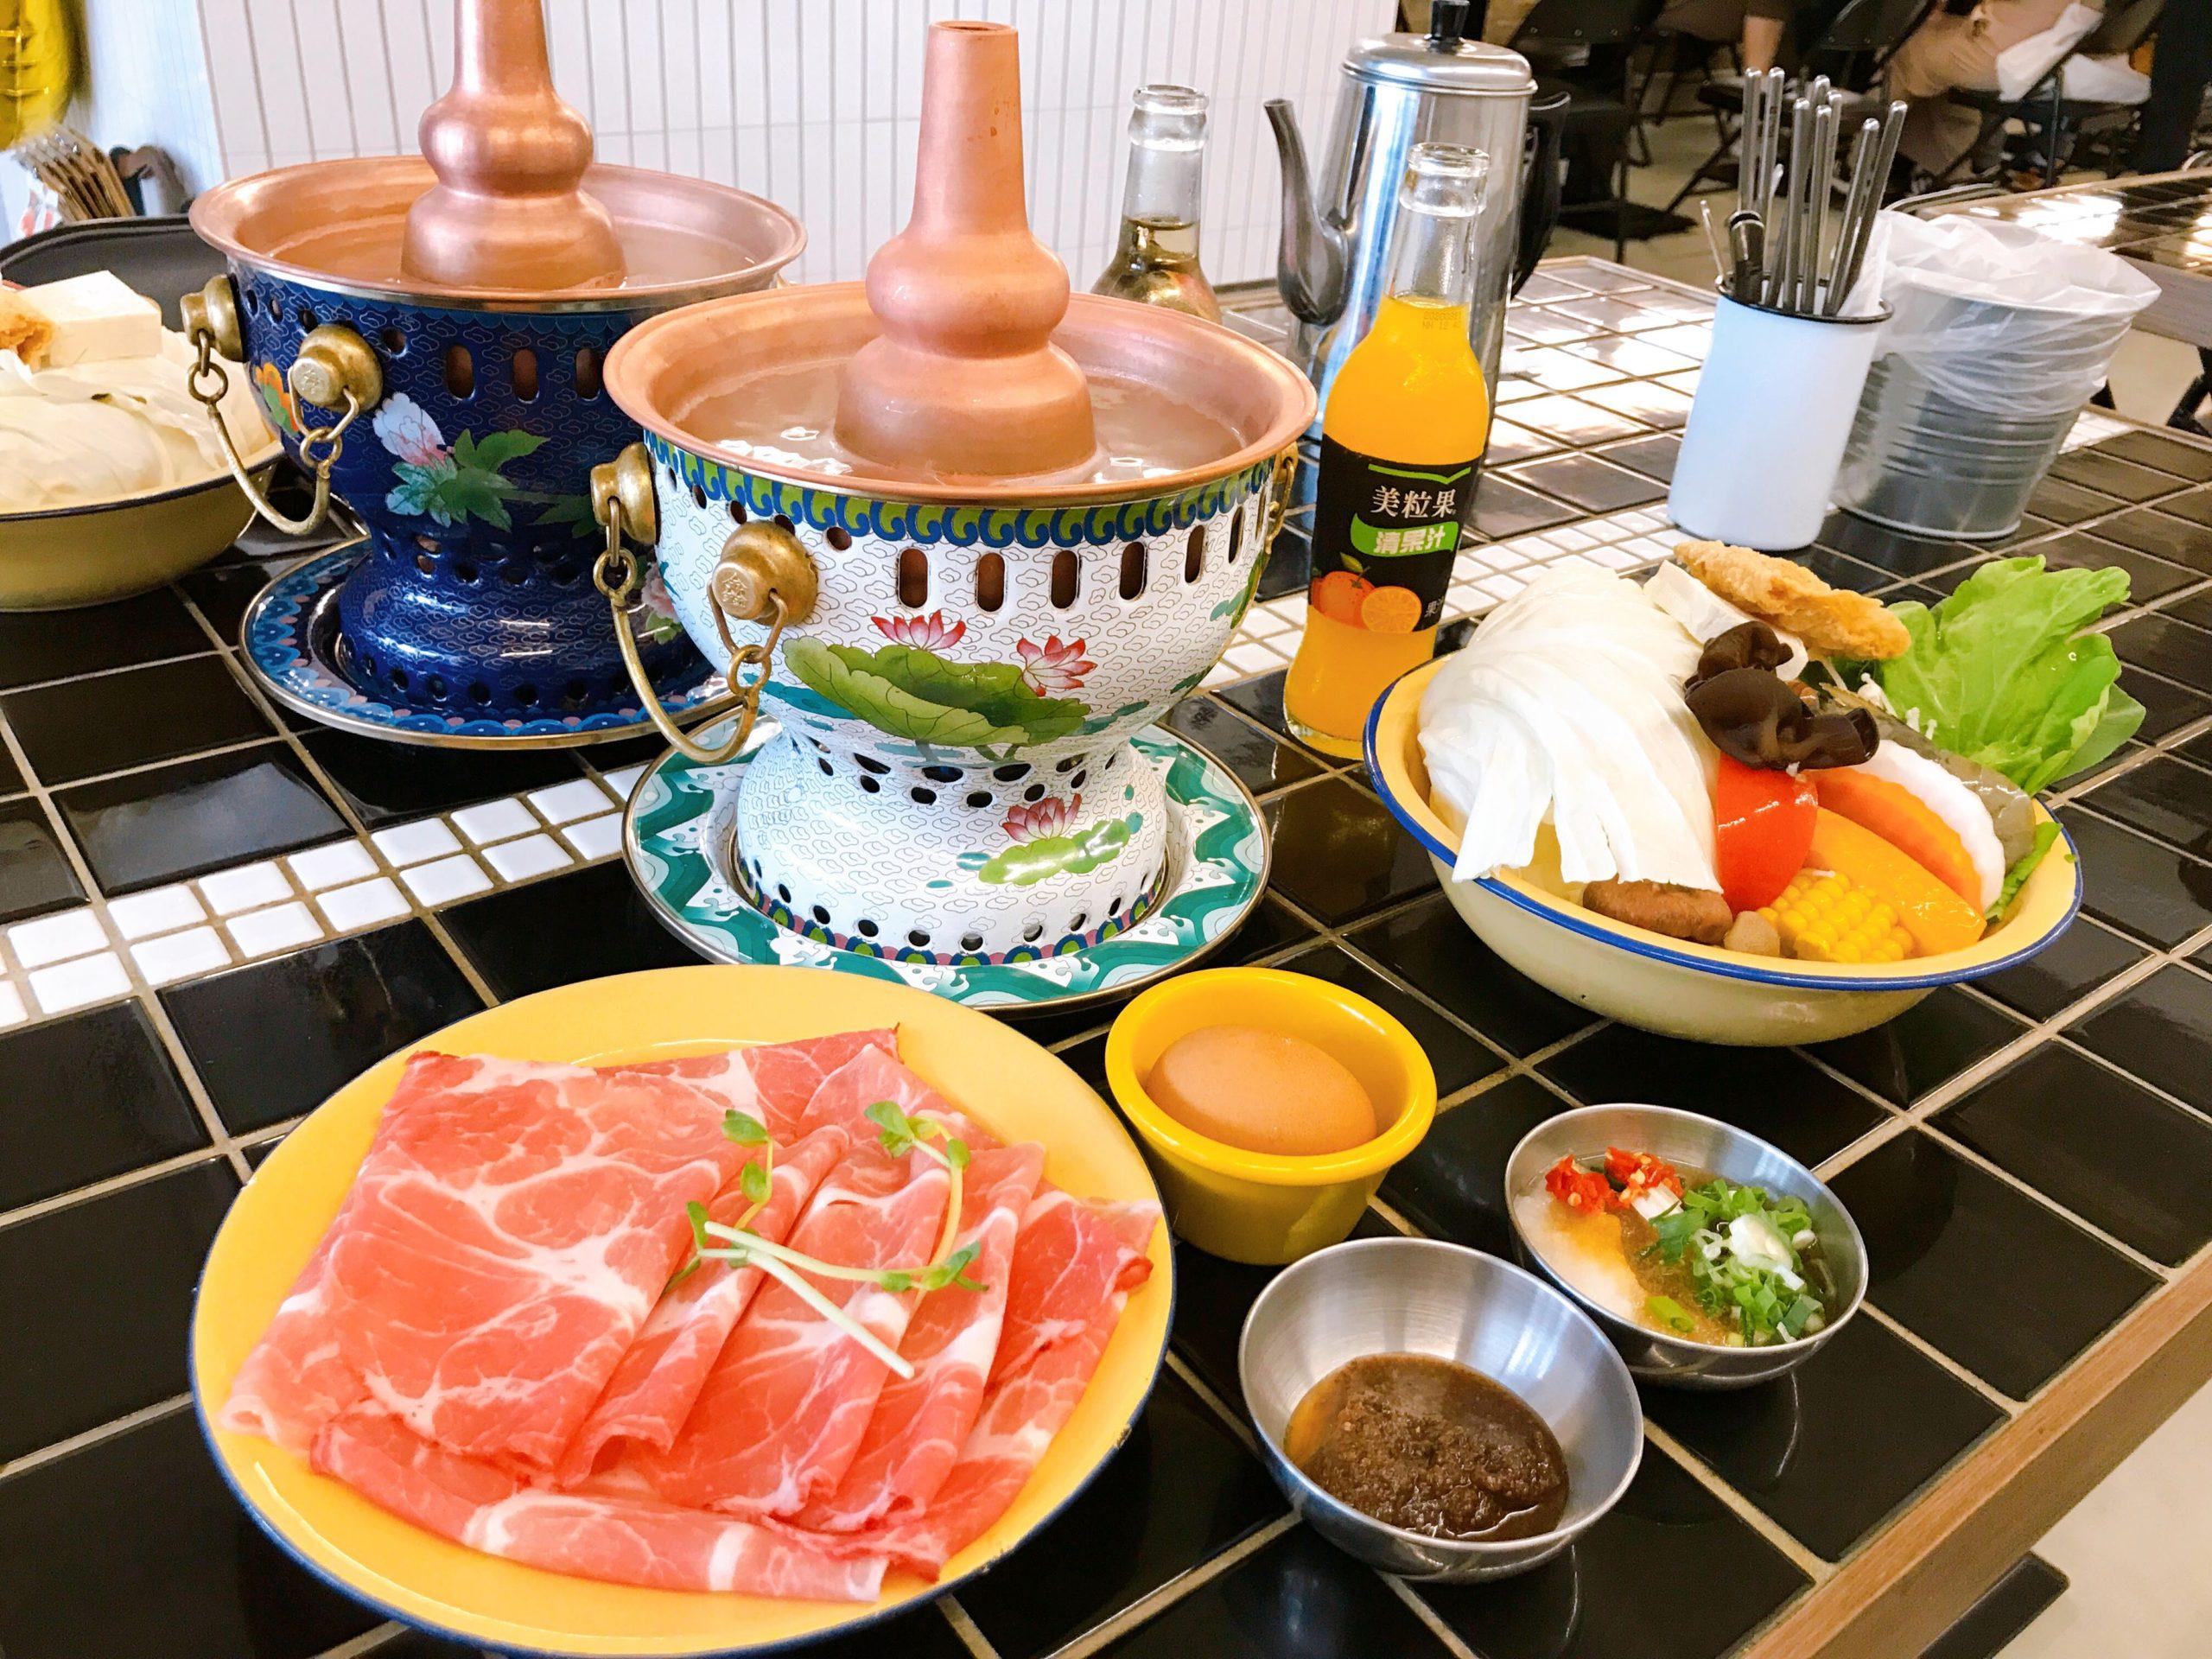 芳華火鍋公司:梅花豬肉套餐